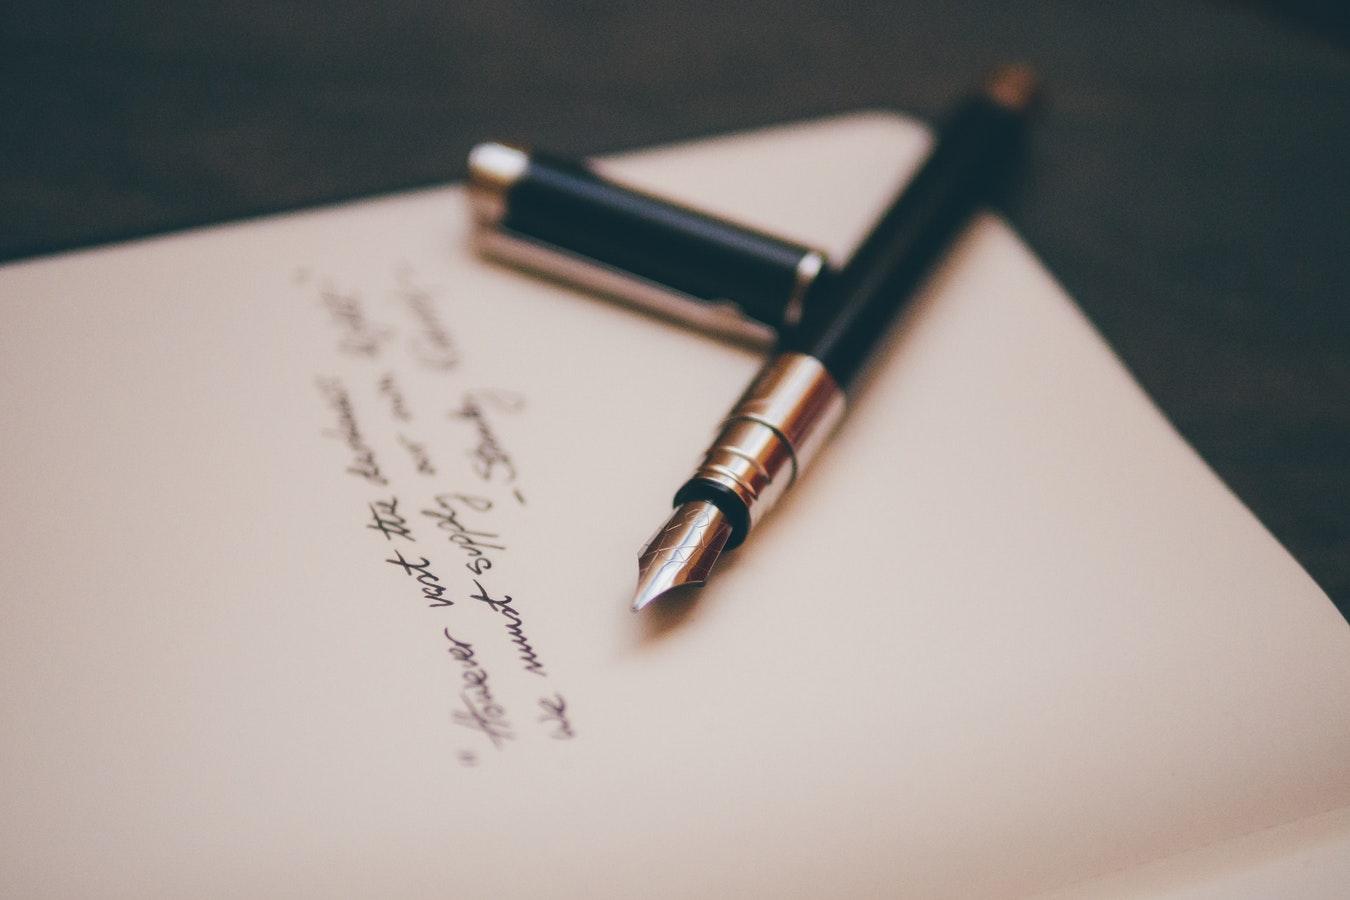 Matrimonio In Poesia : Il matrimonio poesia gibran kahlil gibran ode al matrimonio alla